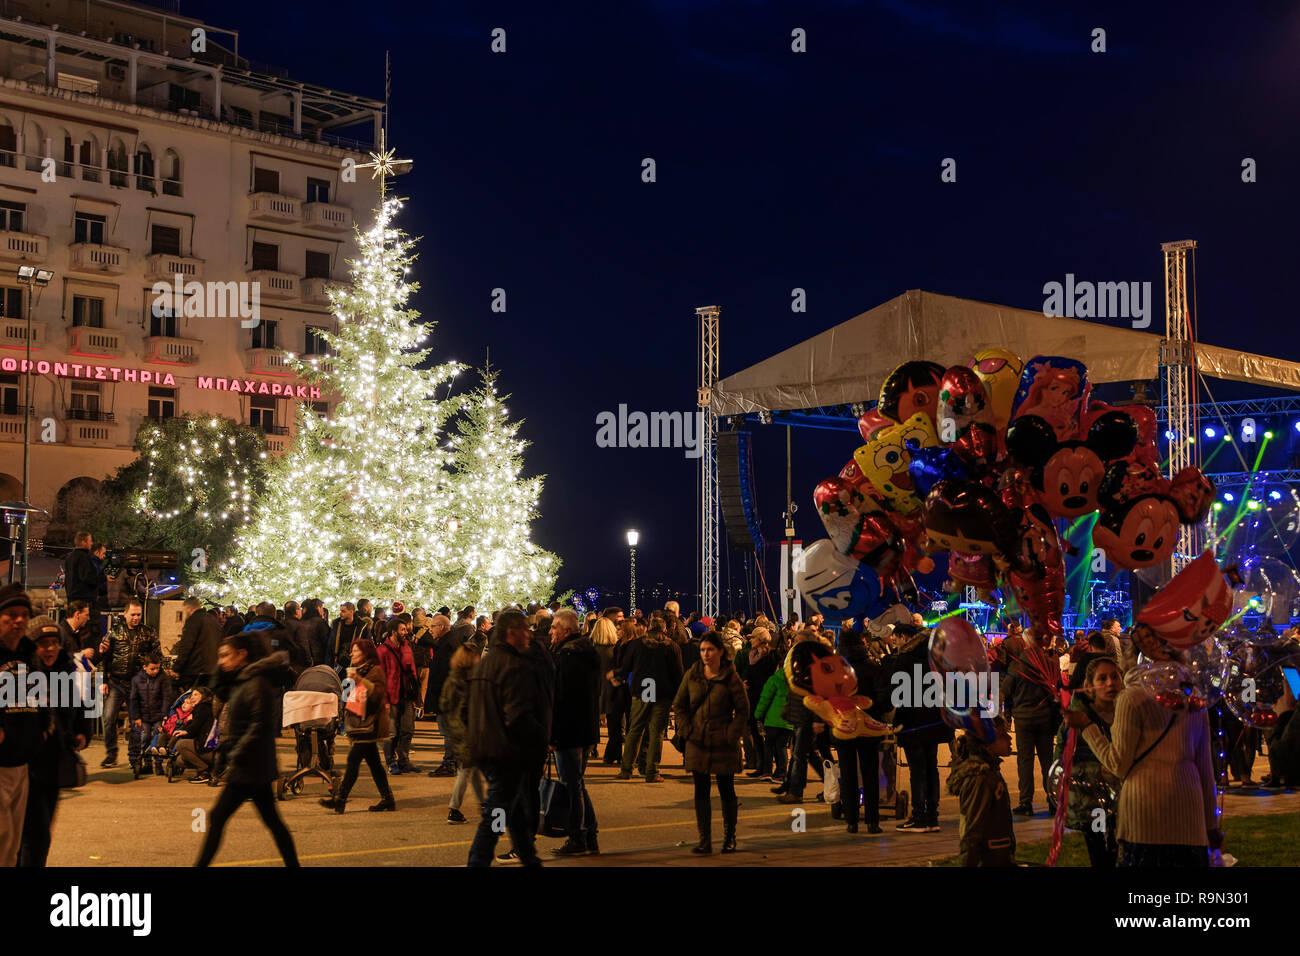 Weihnachten In Griechenland Bilder.Thessaloniki Griechenland Weihnachten 2018 Dekorationen Aristoteles